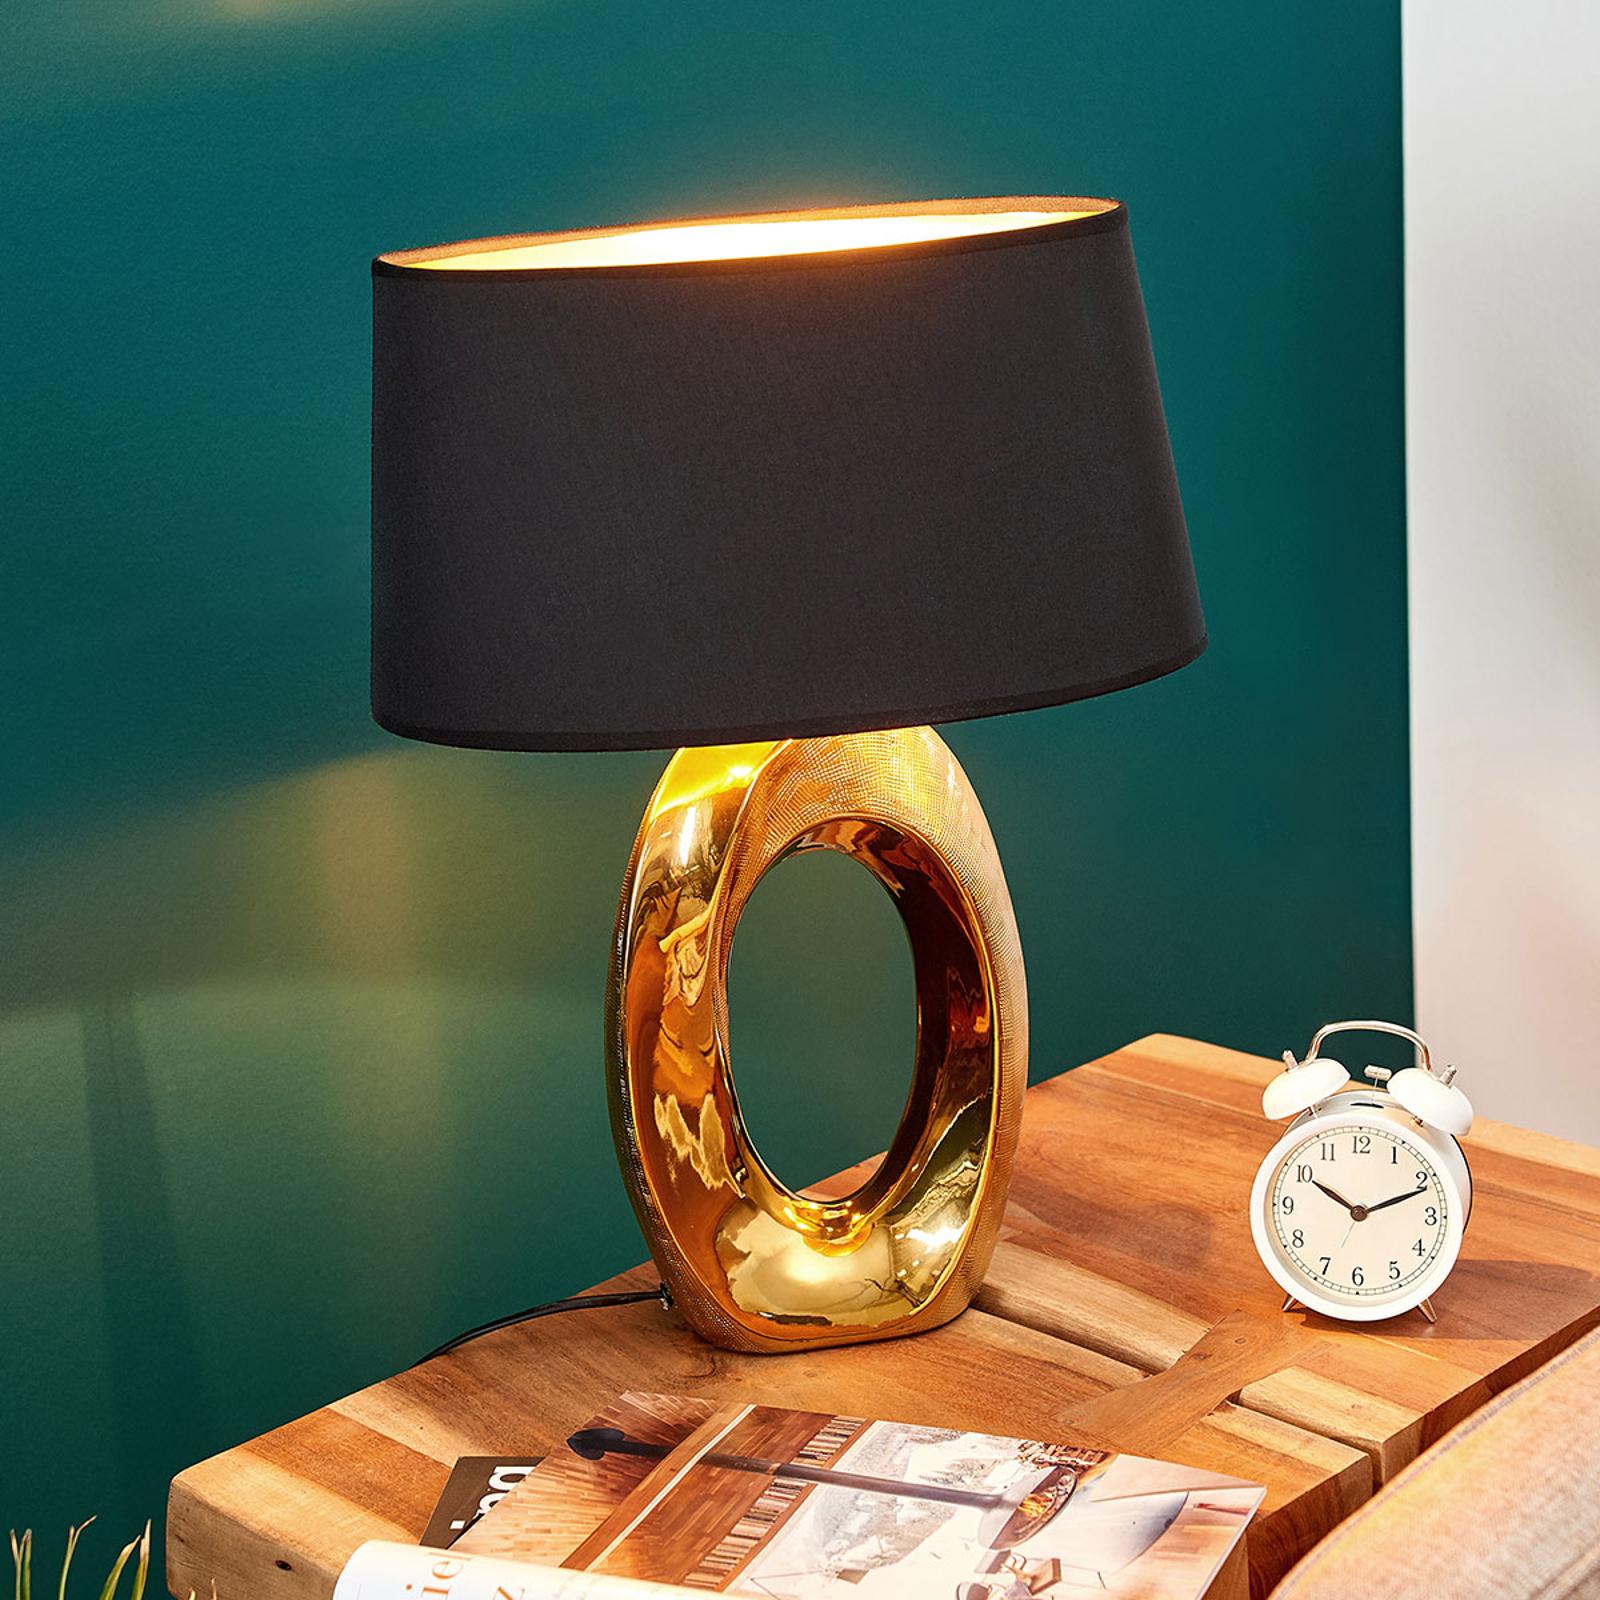 Lampa stołowa Quina, klosz z tkaniny, złota/czarna